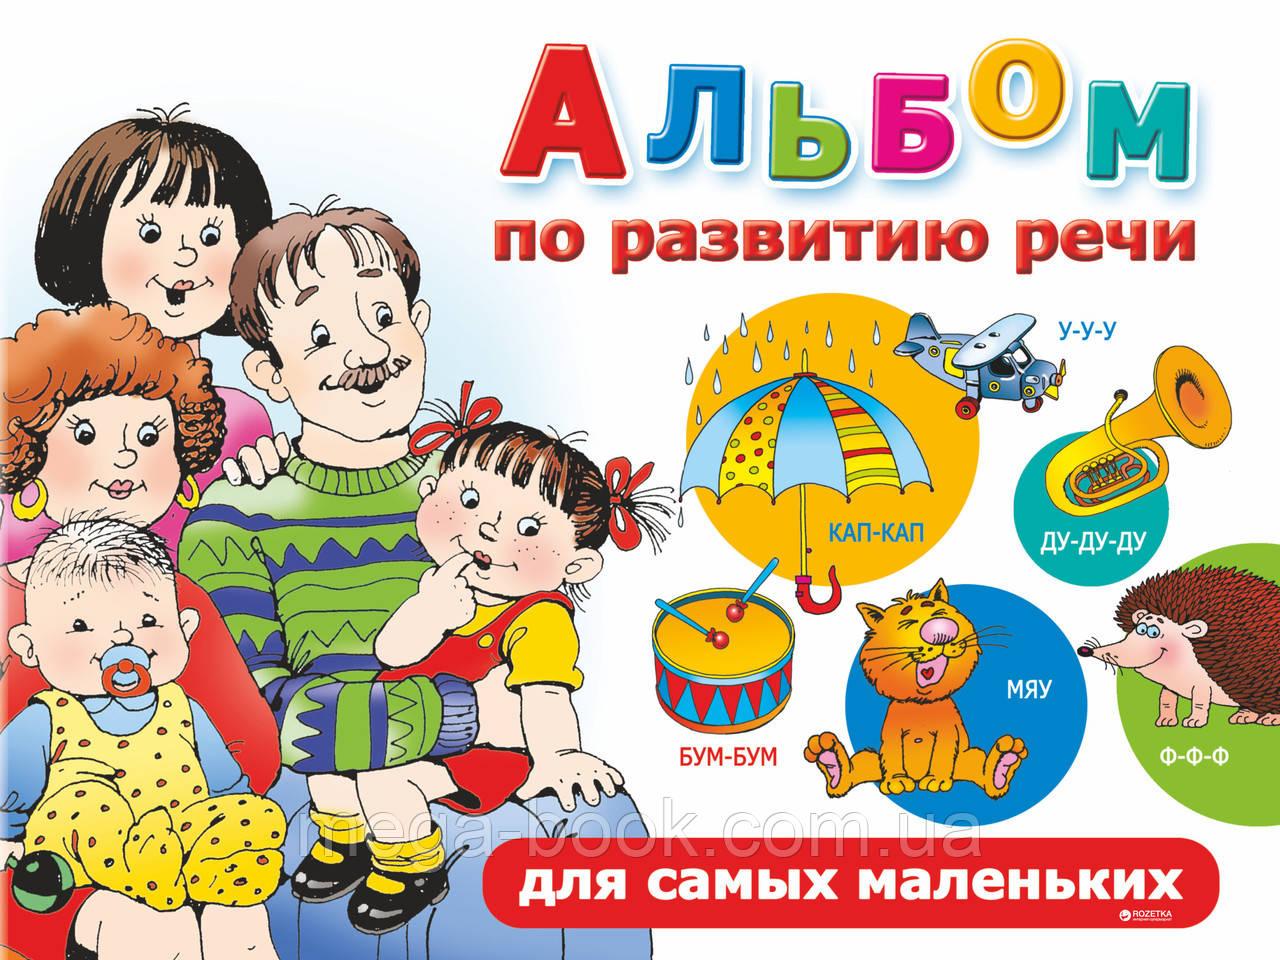 Альбом по развитию речи для самых маленьких. Новиковская О.А.